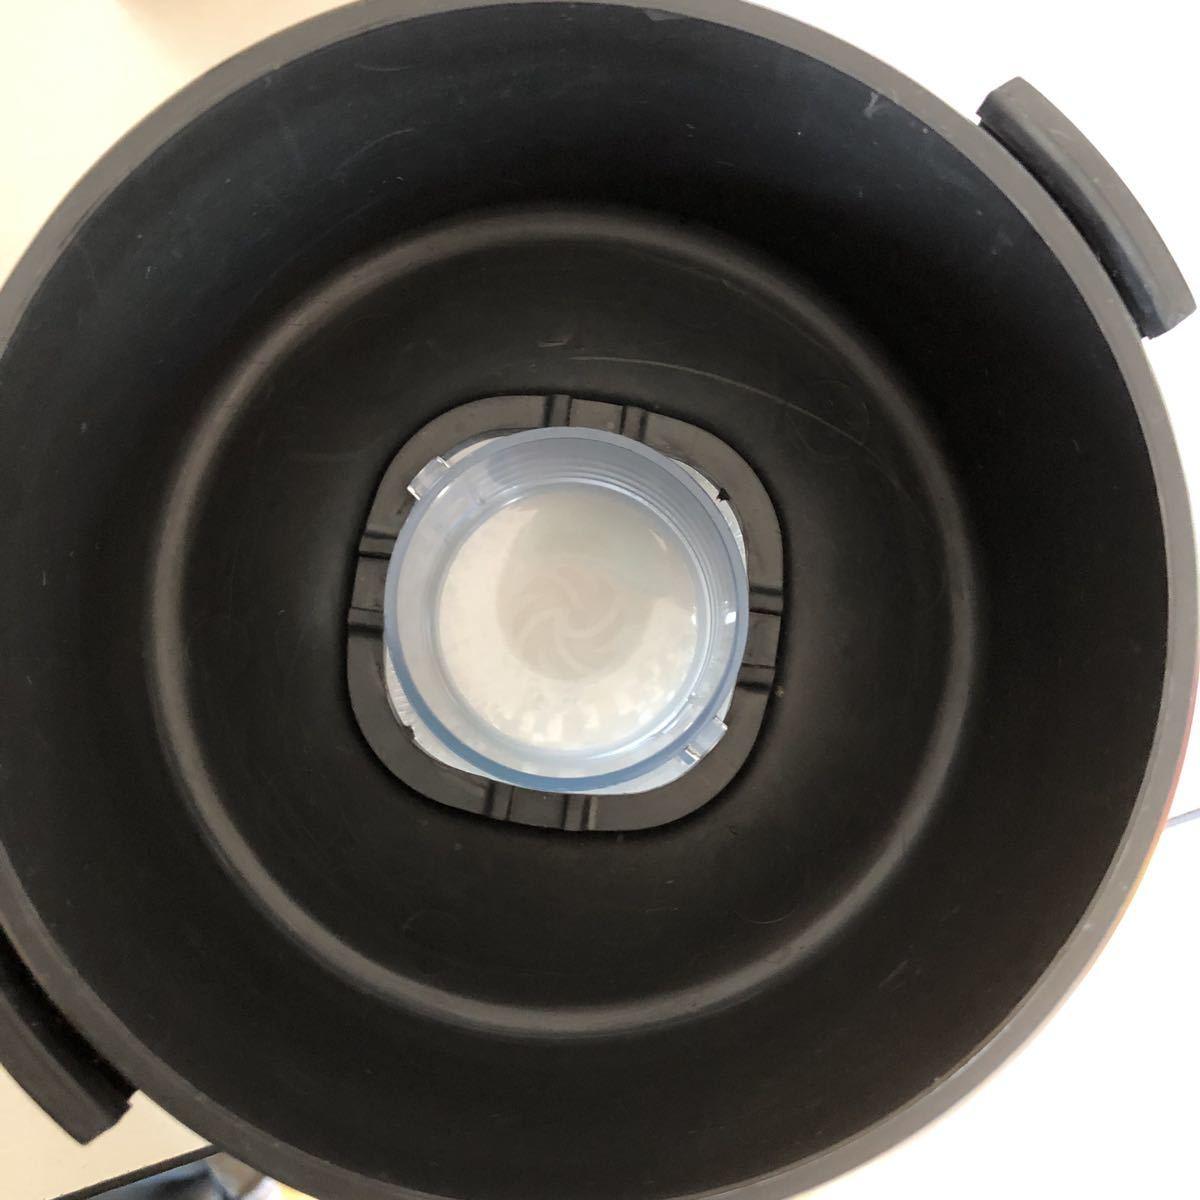 1円スタート!【動作確認済み】Vitamix バイタミックス VM0111 1.4L ホワイト ホールフードレシピ本付き ミキサー ジューサー ブレンダー _画像7